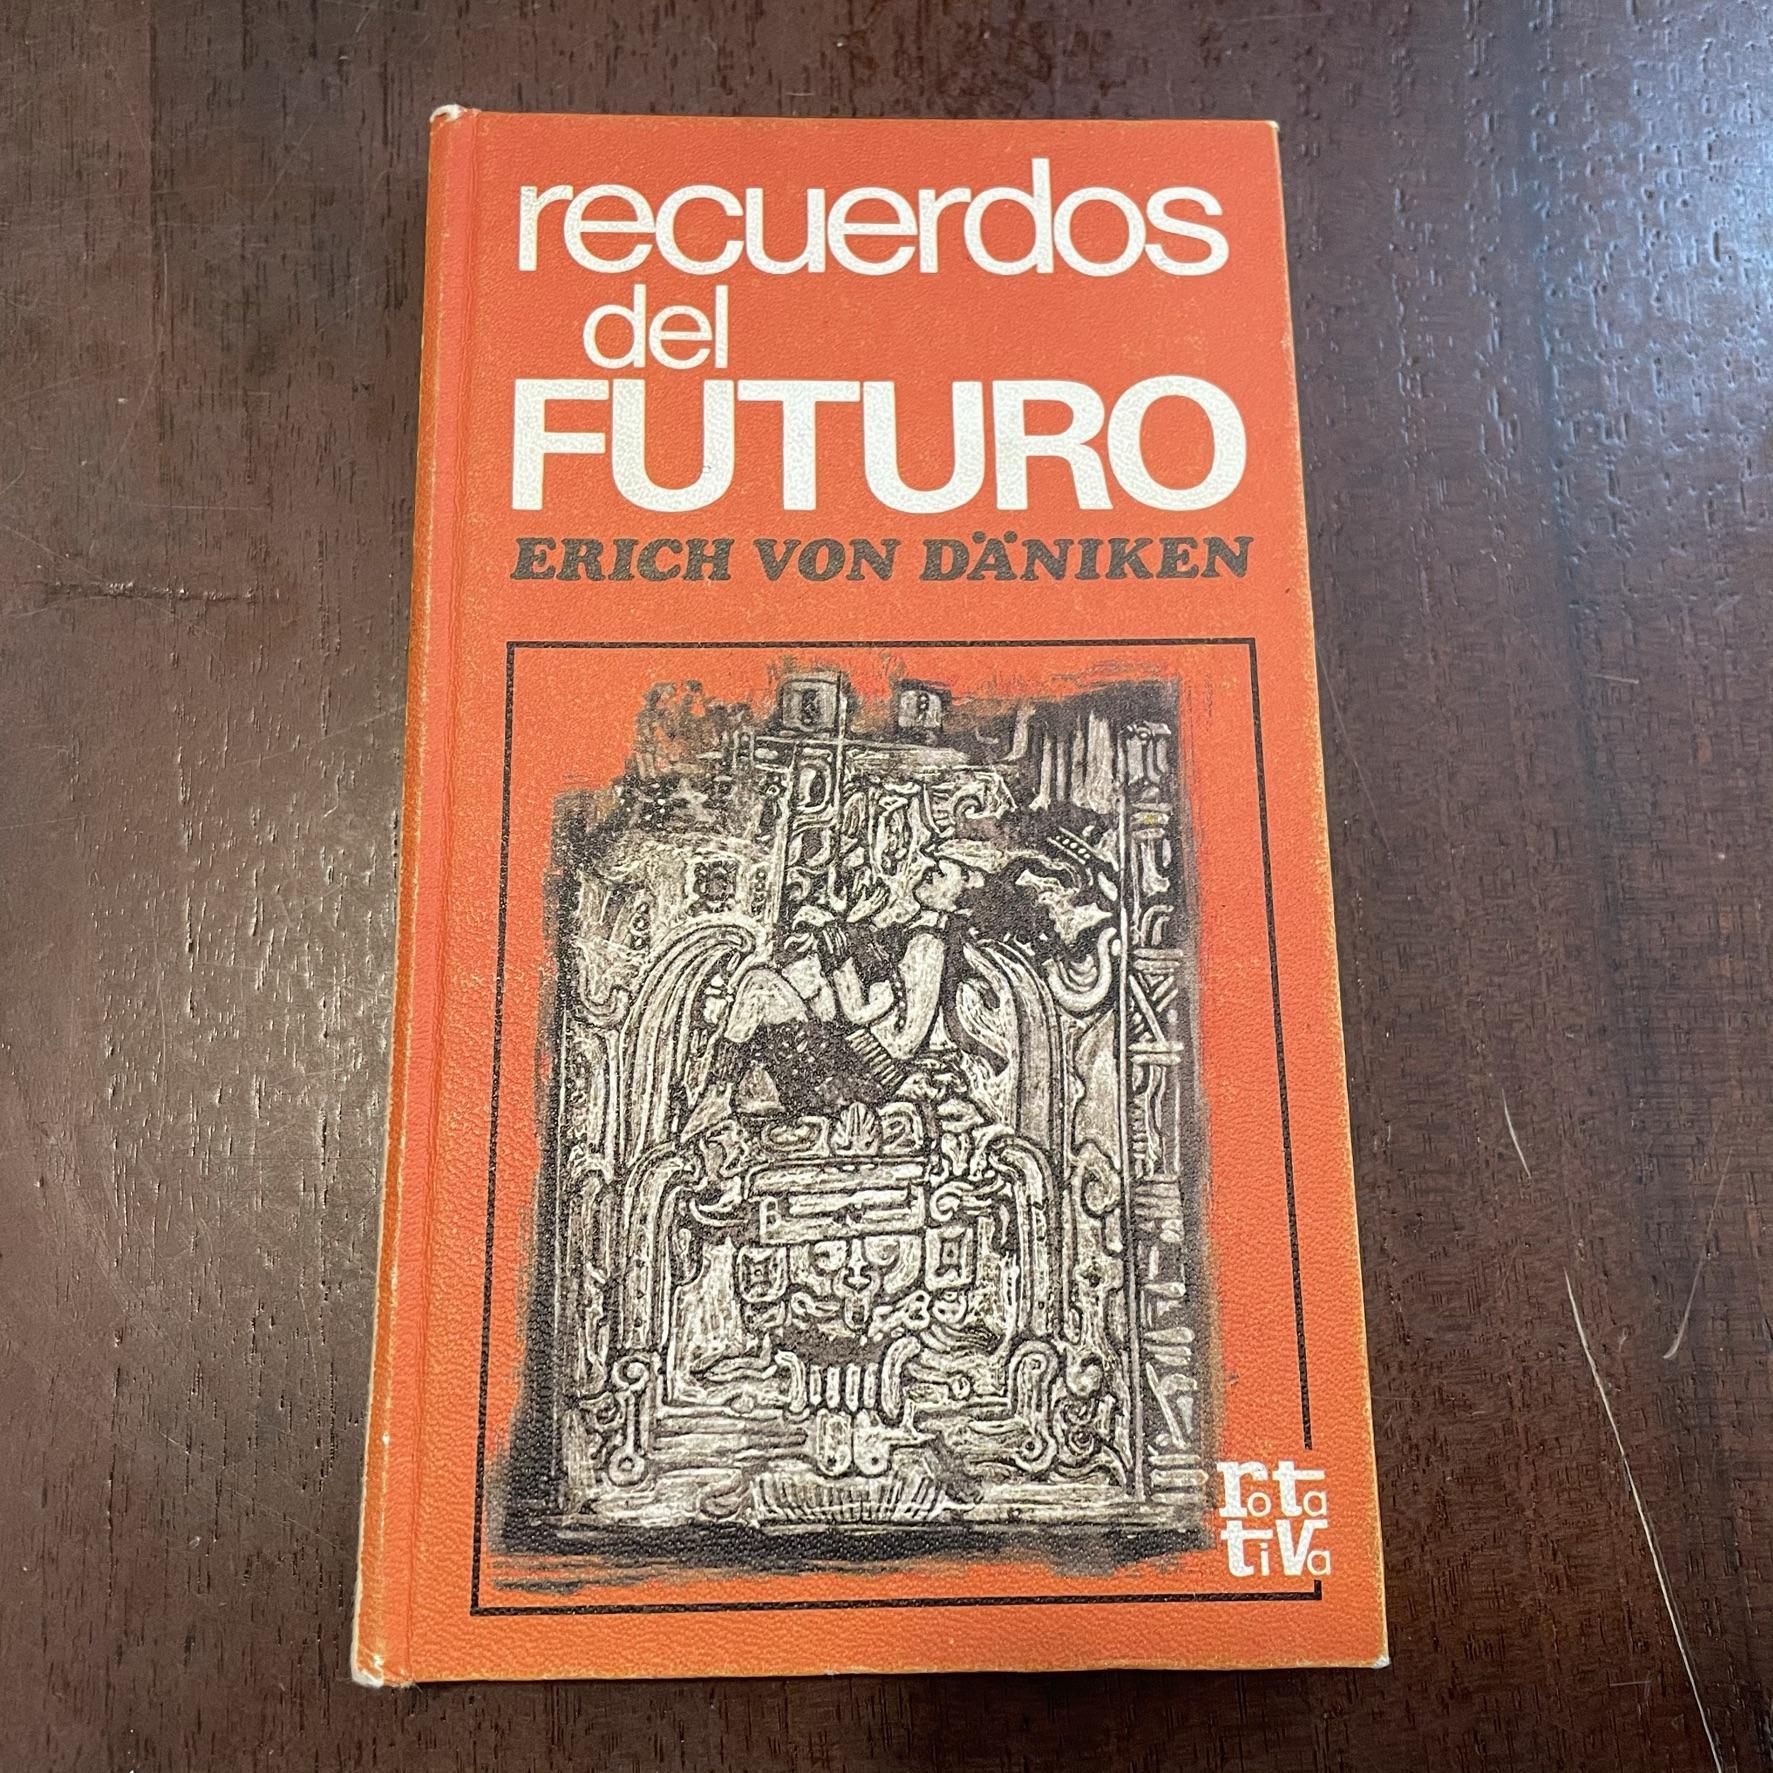 Recuerdos Del Futuro By Erich Von Däniken 18 Cm Buen Estado 1973 Kavka Libros